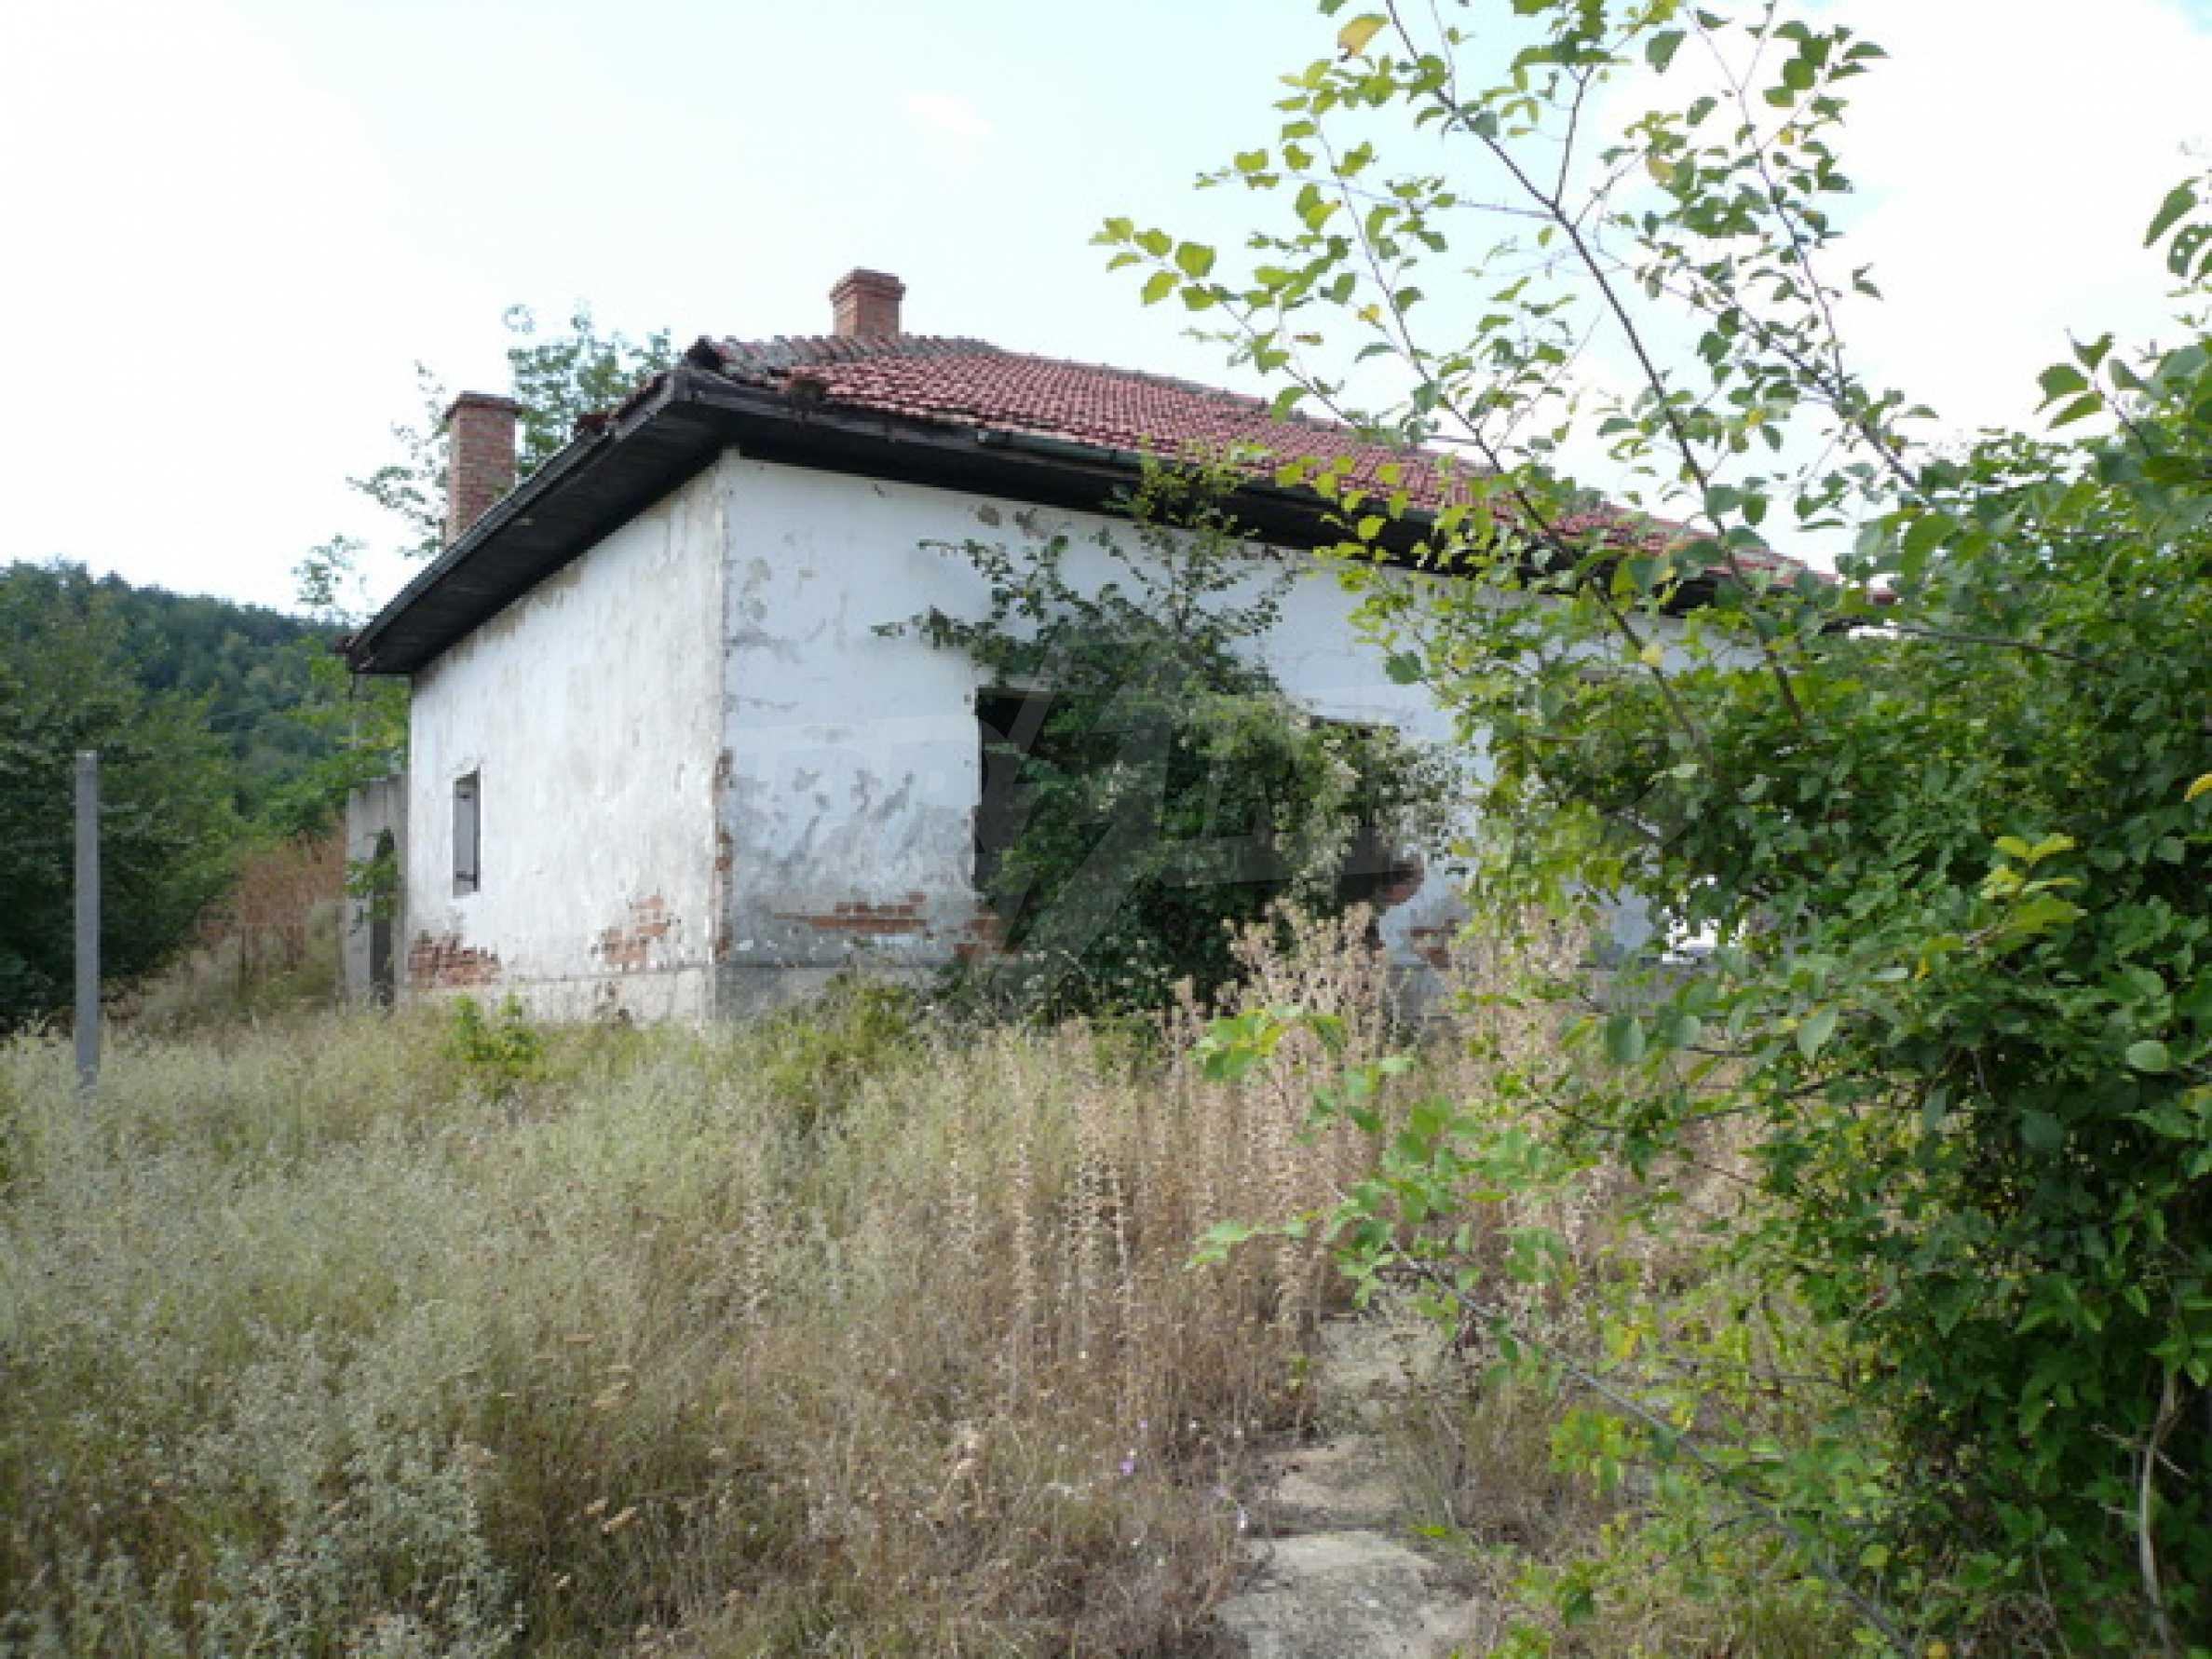 Haus am Ufer der Donau 1